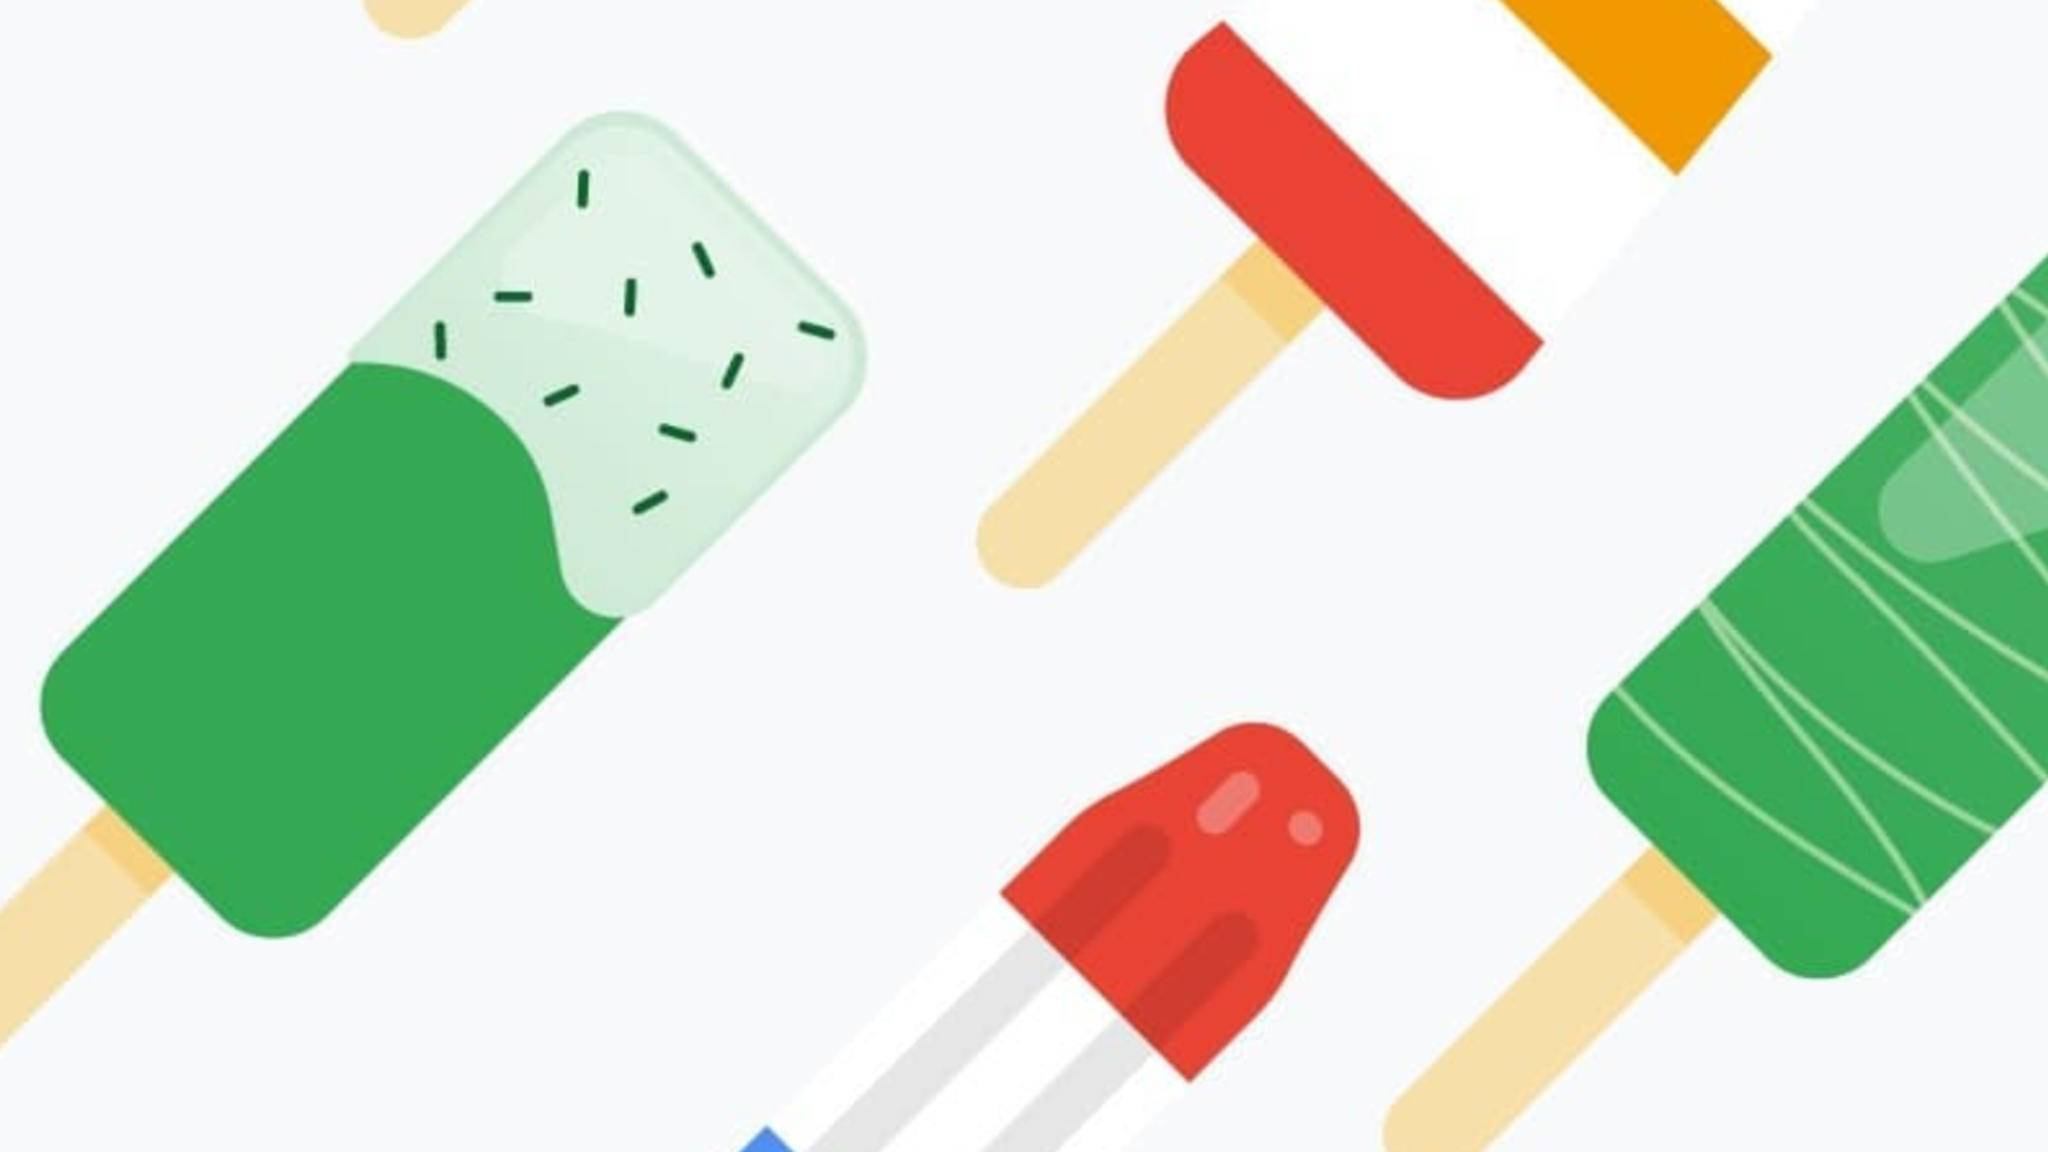 Versteckt sich in diesem farbenfrohen Wallpaper ein Hinweis auf den Namen von Android P?